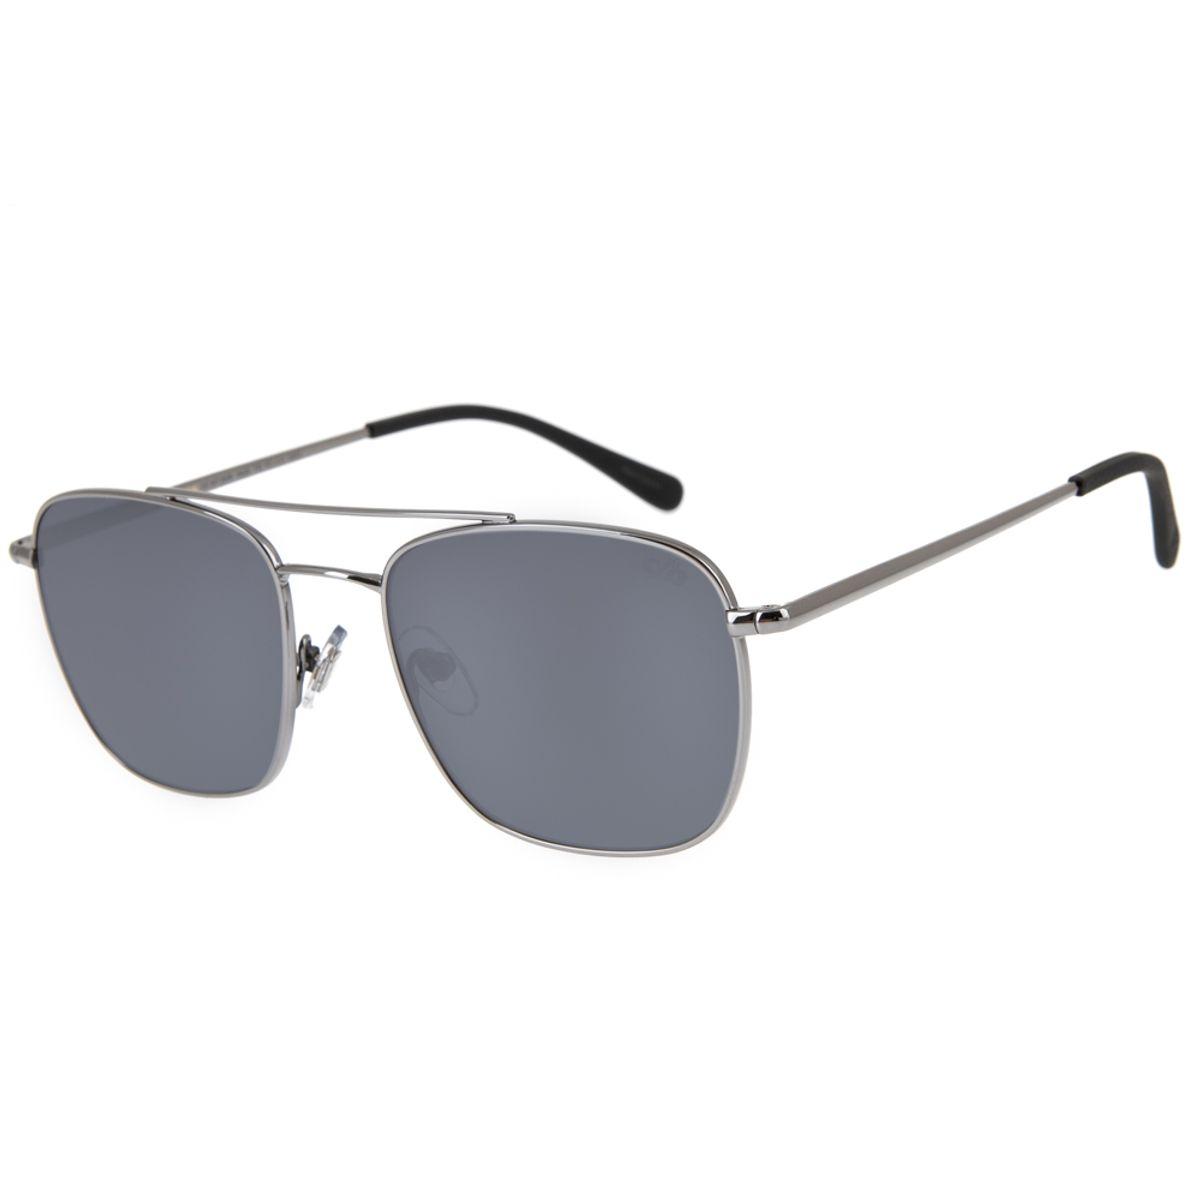 c156350b8 Óculos de Sol Executivo Masculino Chilli Beans Blk Metal Cinza Escuro 2639  - OC.MT.2639.0428 M. REF: OC.MT.2639.0428. OC.